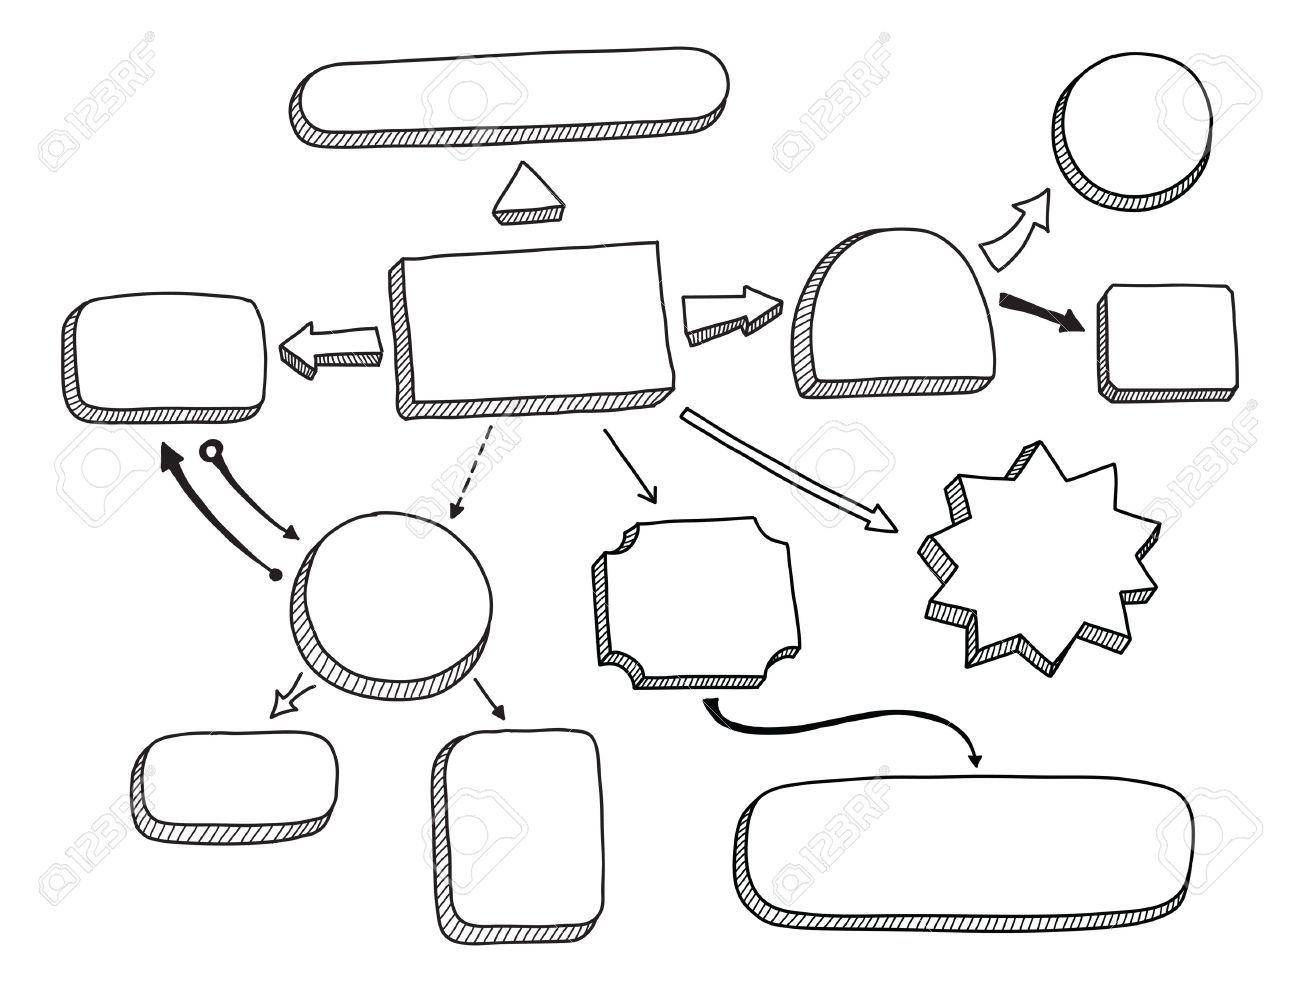 Dibujado A Mano Ilustracion De Mapa Mental O Diagrama De Flujo Con El Espacio Para El Texto